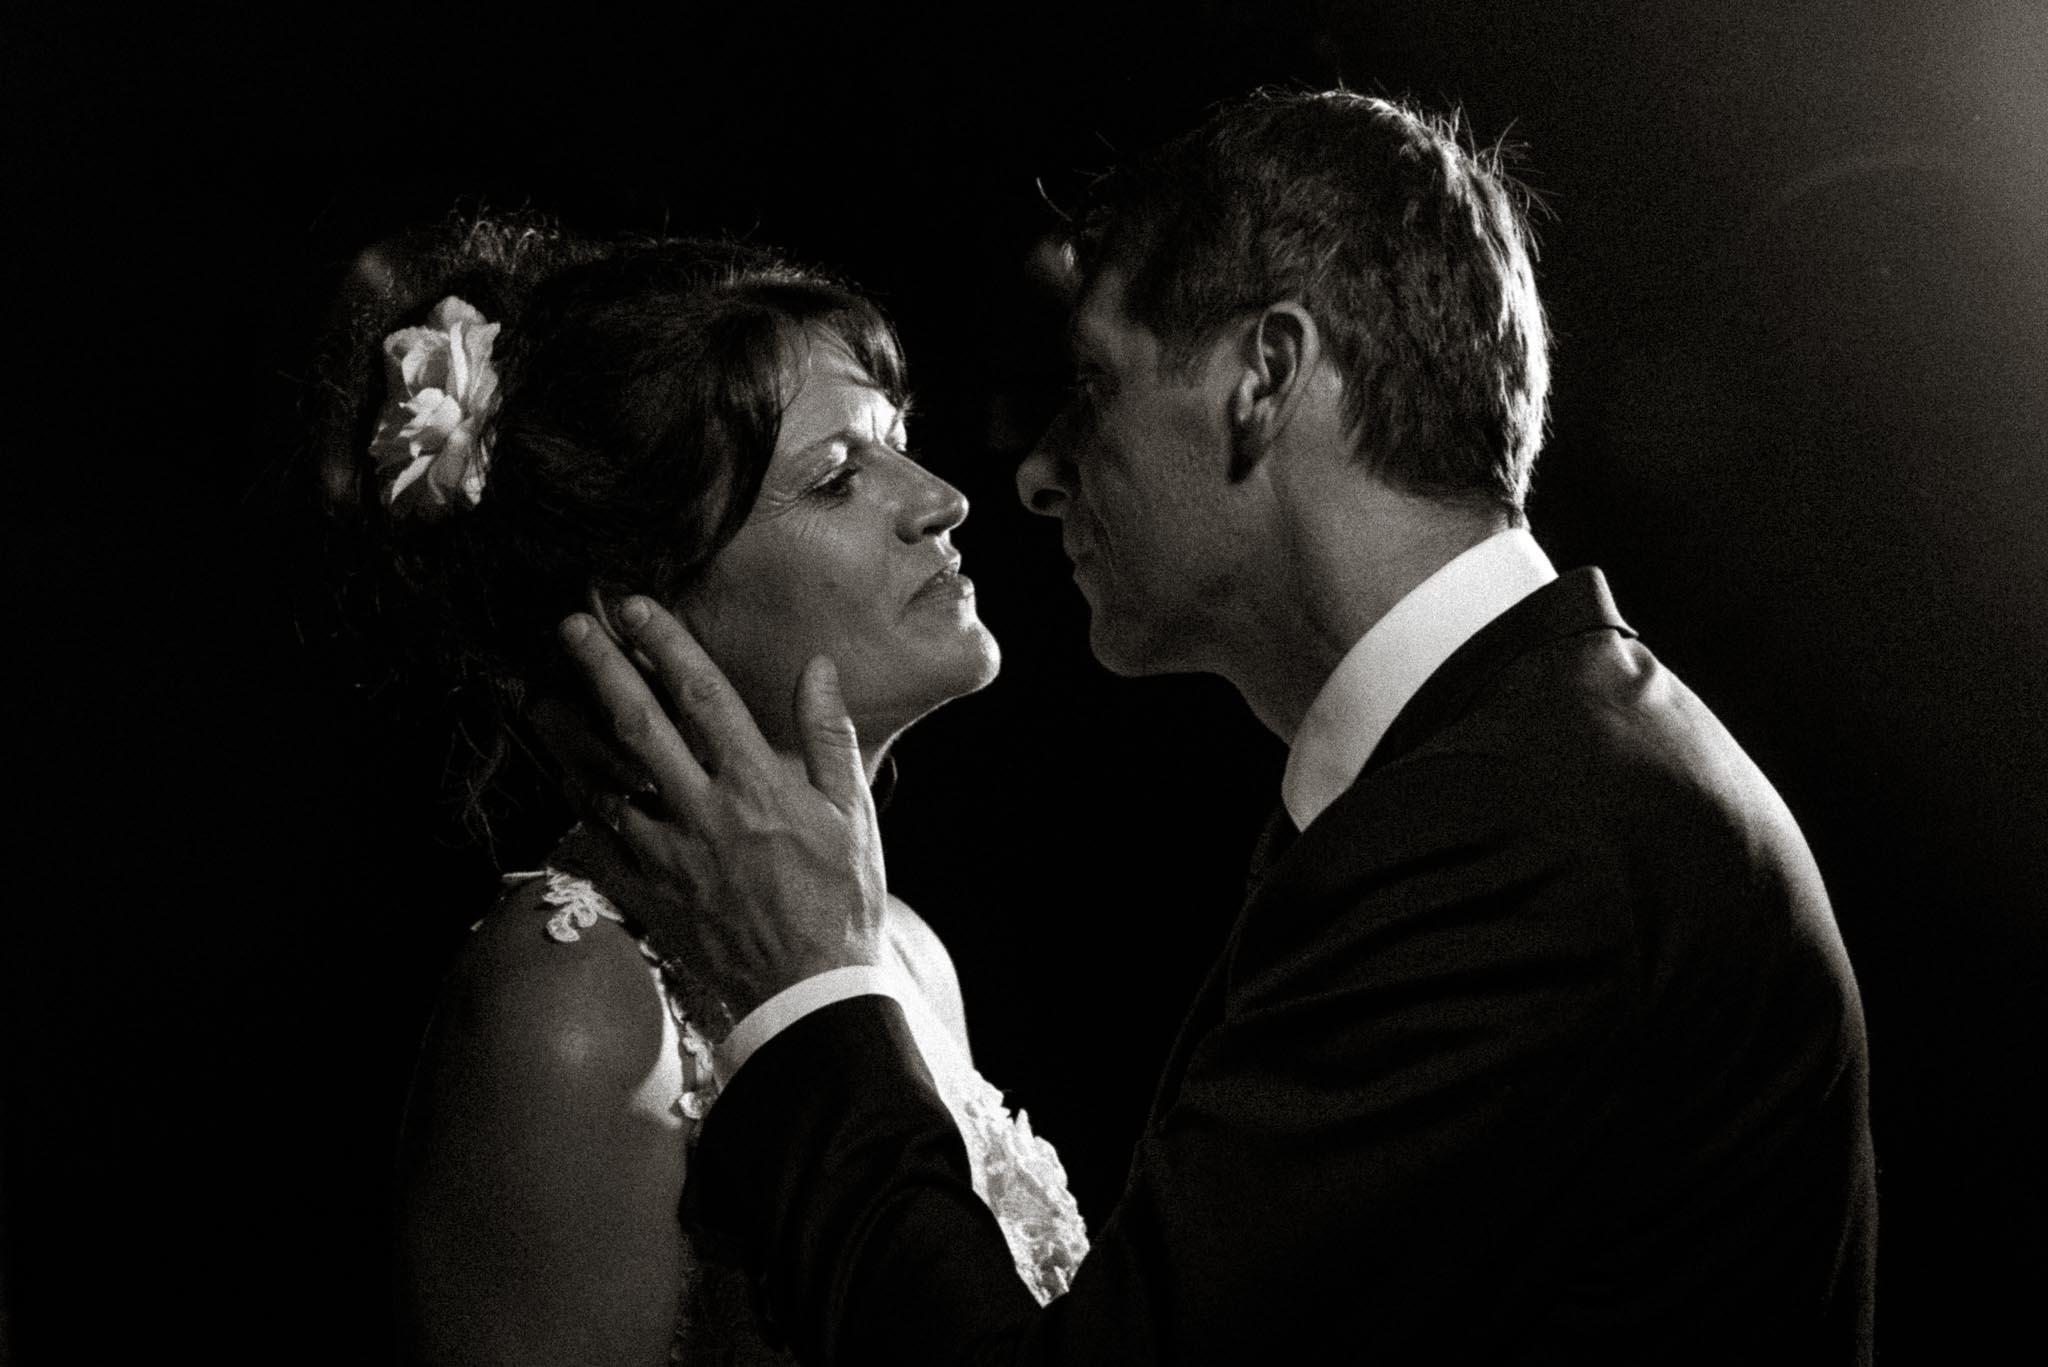 Séance couple après mariage mise en scène inspiration film n&b cinéma noir et blanc des années 30 par Geoffrey Arnoldy photographe